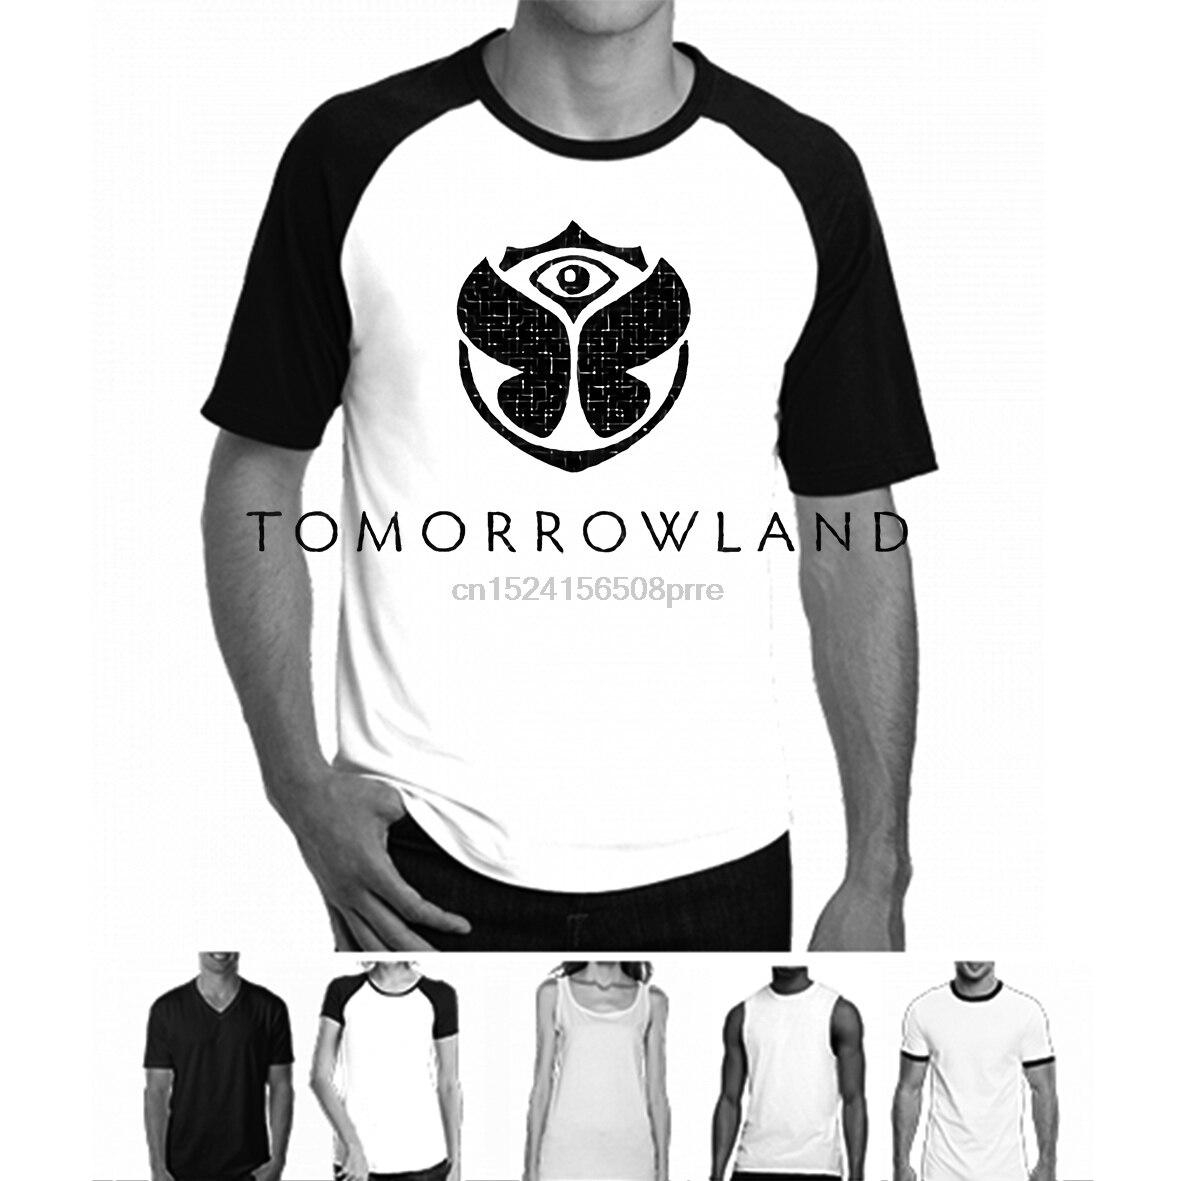 100% Cotton O-neck Custom Printed Tshirt Men T Shirt Tomorrowland - Tomorrowland Women T-shirt